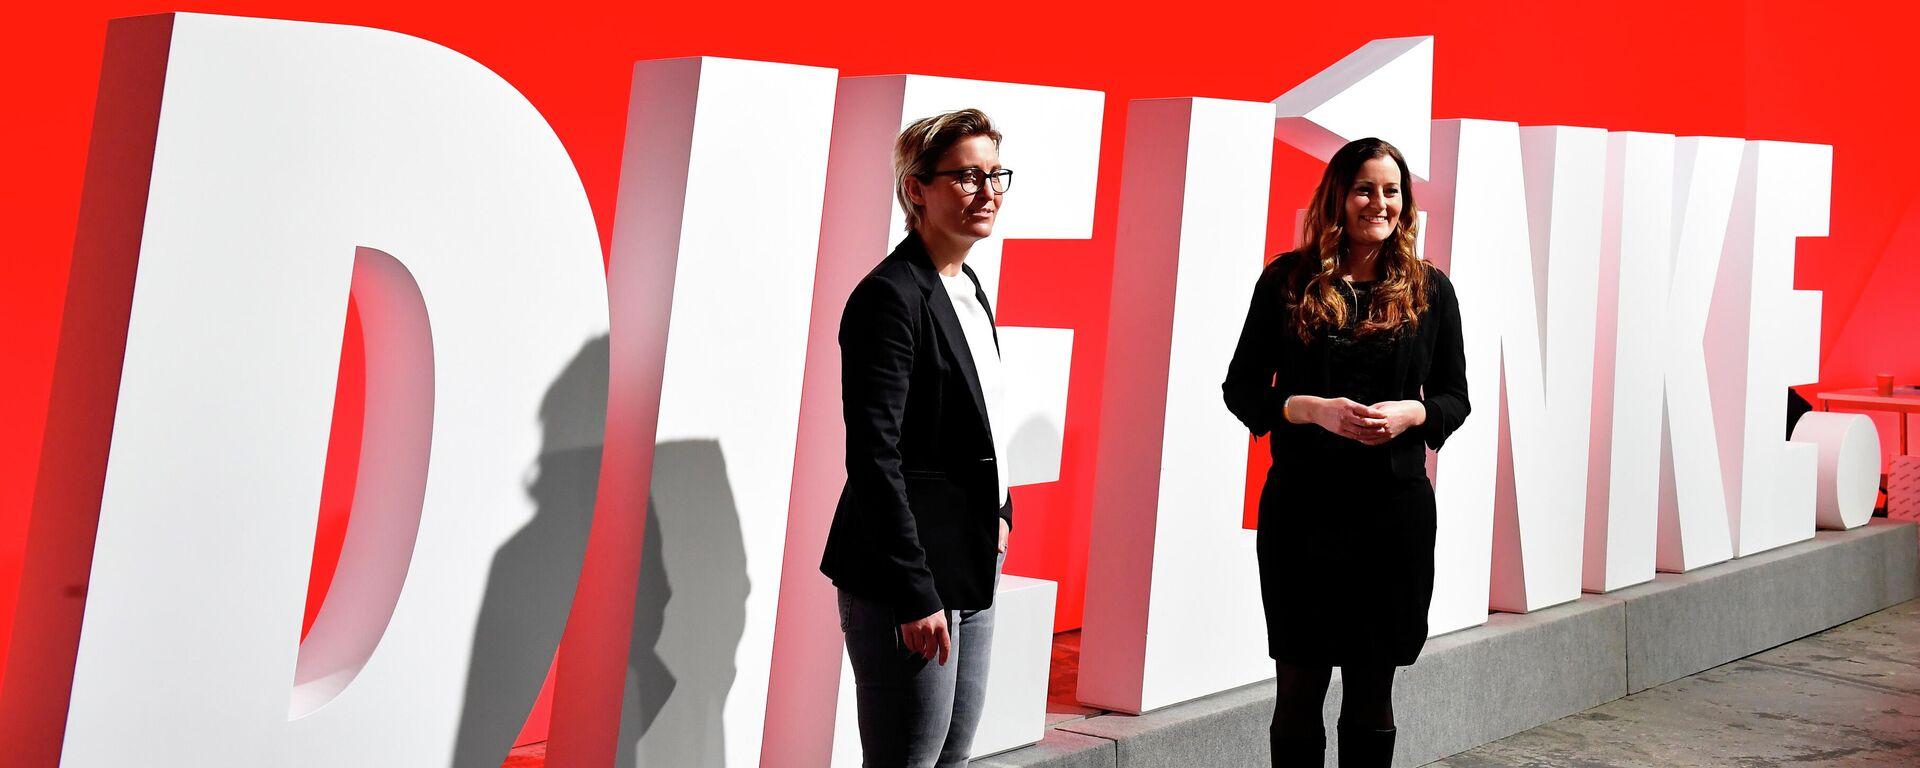 Das neue Führungsduo der Linken – die thüringische Landeschefin Susanne Hennig-Wellsow (links) und die hessische Landtagsfraktionschefin Janine Wissler. - SNA, 1920, 28.02.2021